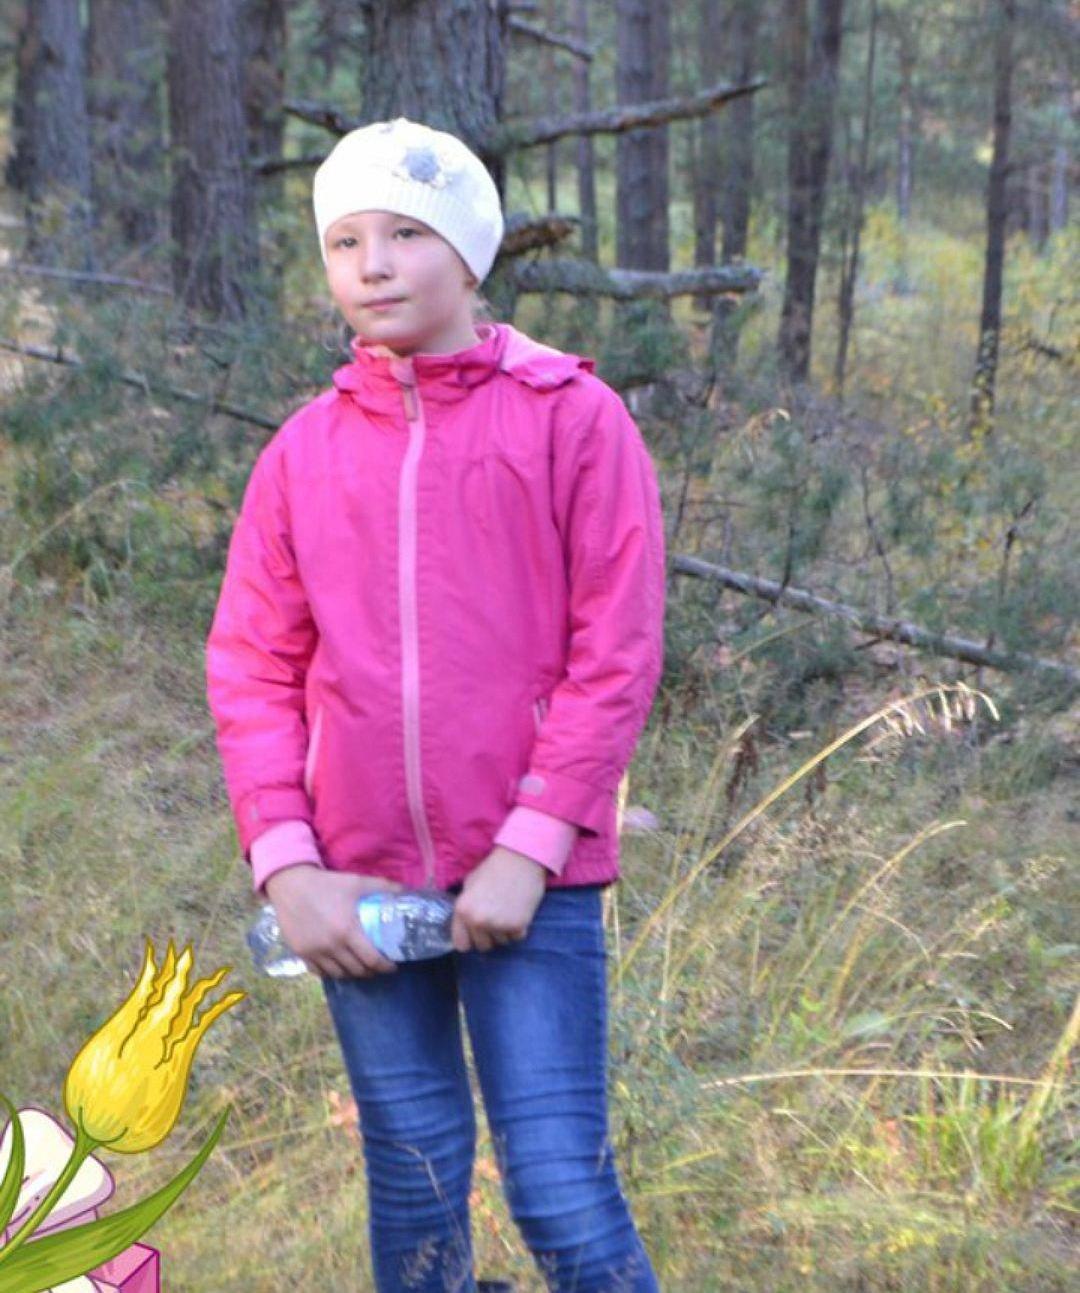 ВБелорецке пропала 9-летняя девочка